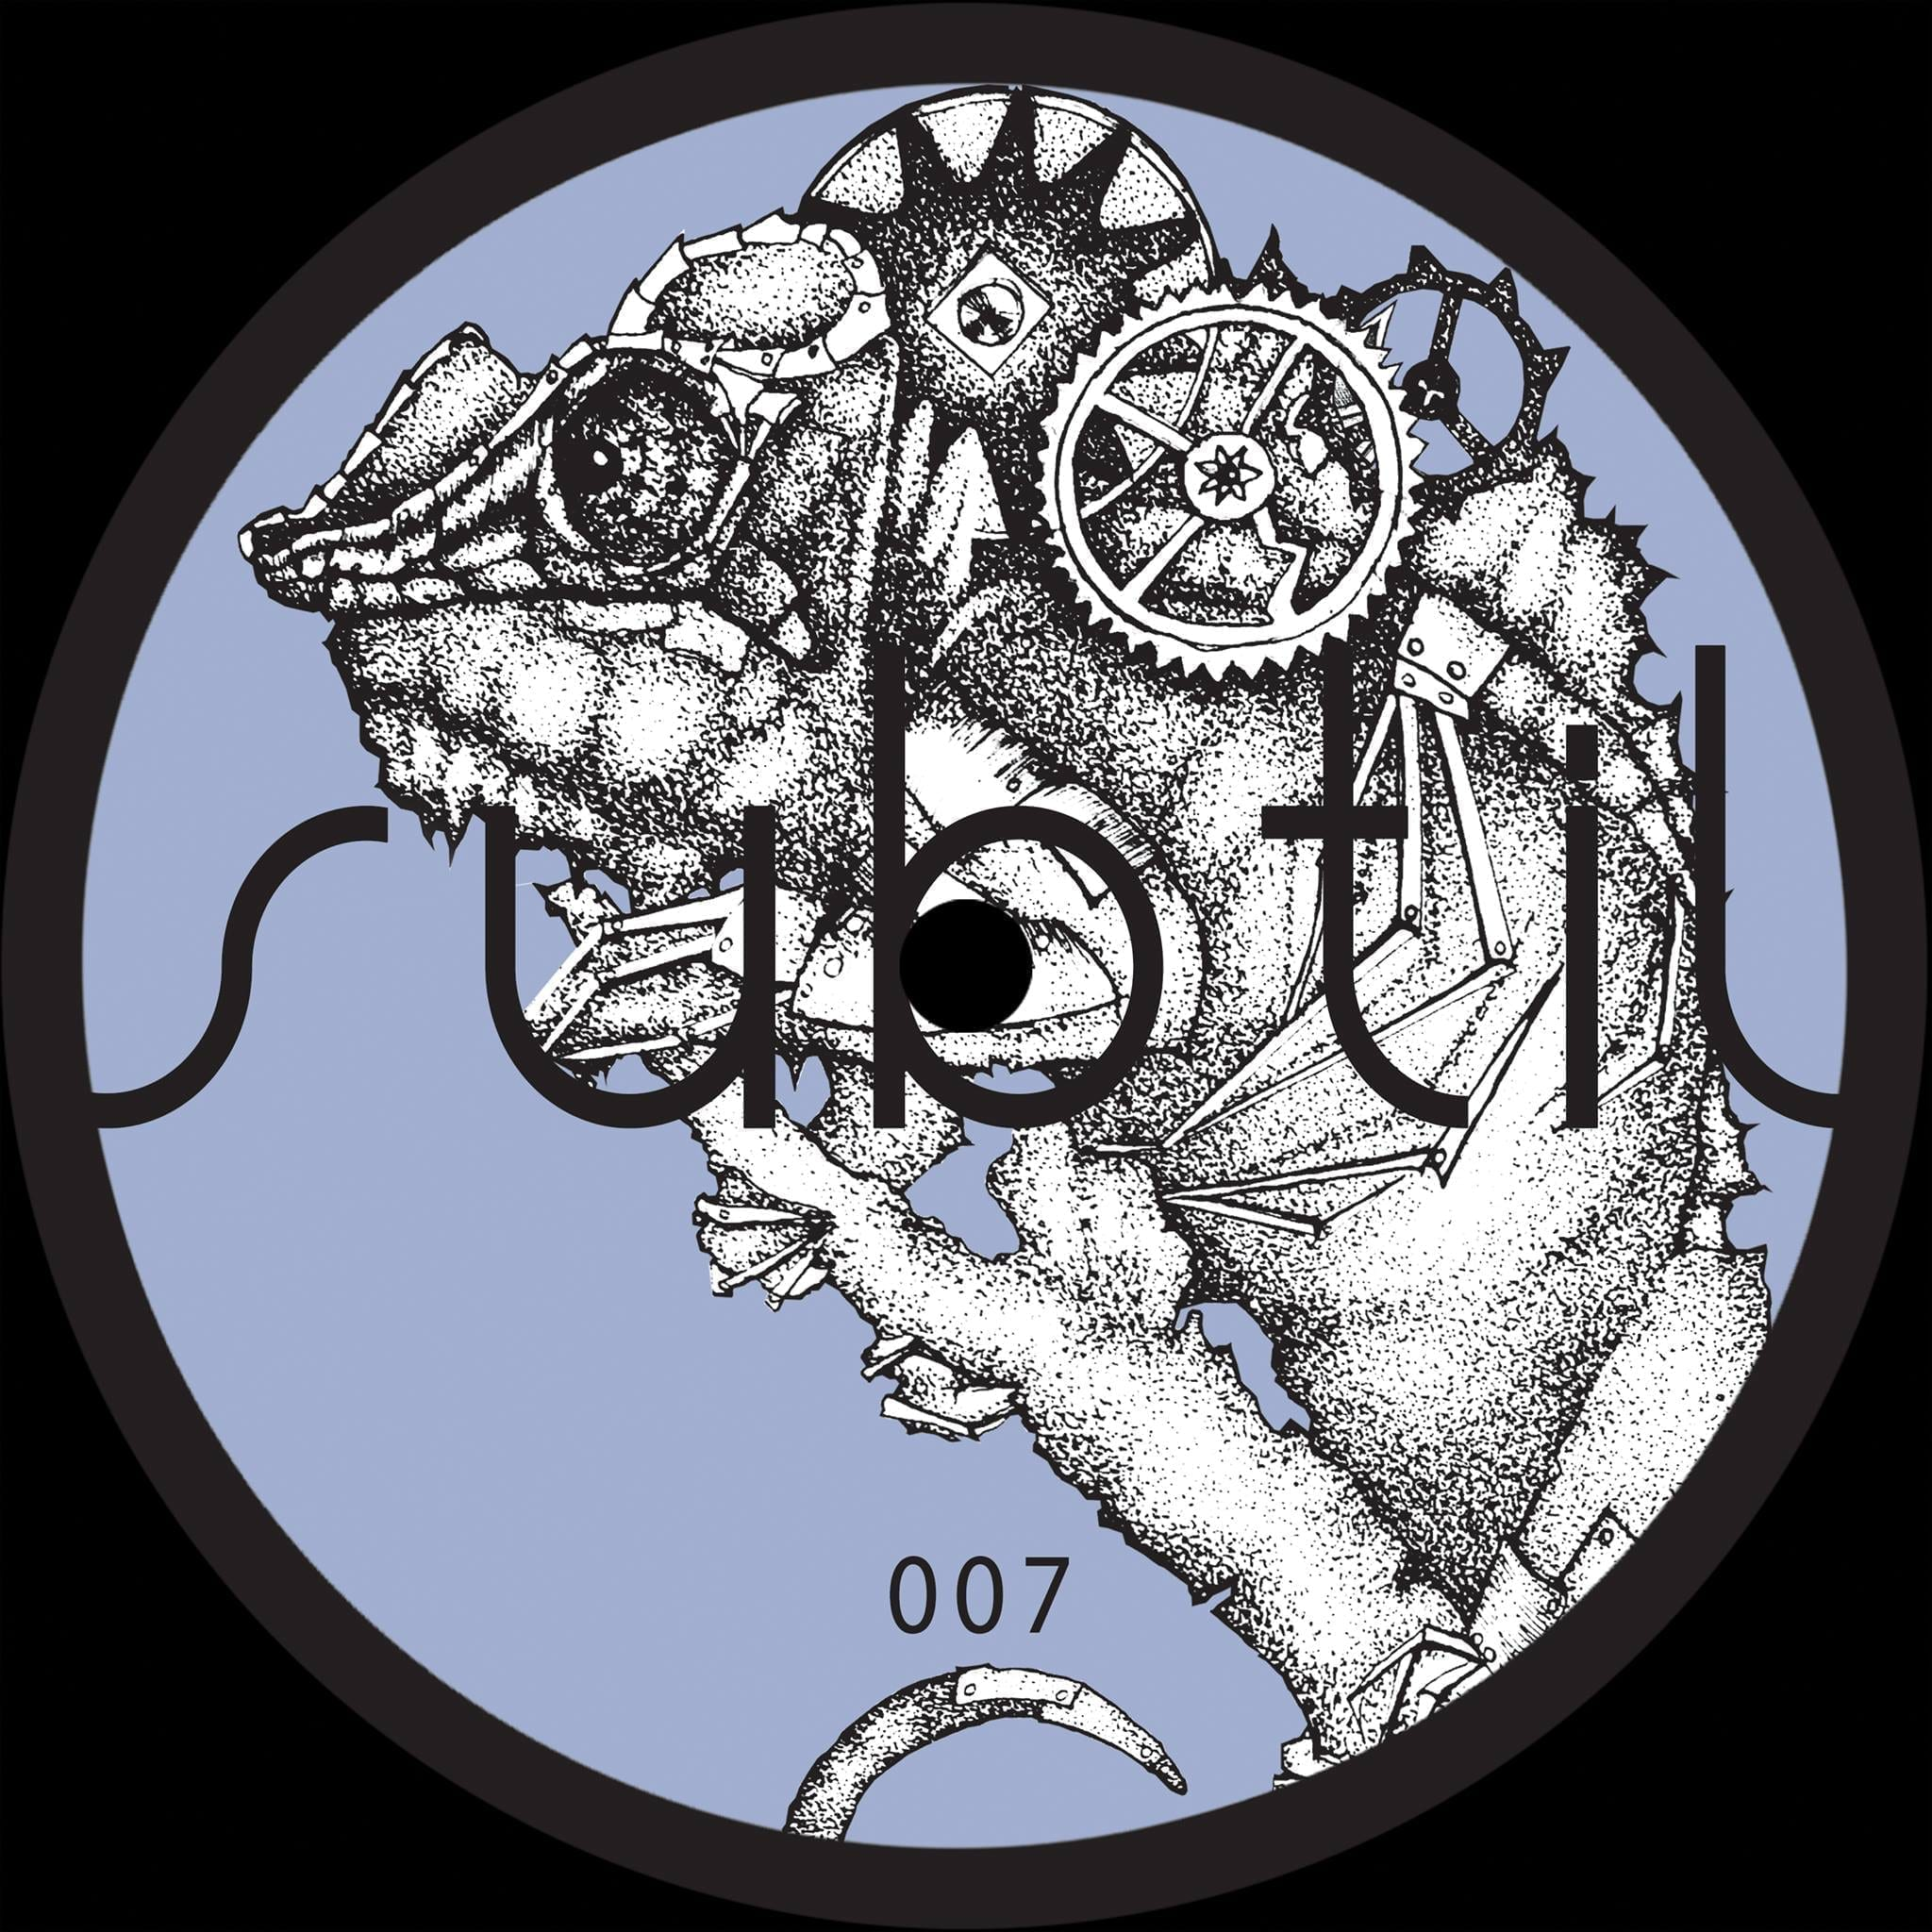 VRAC - Repattern EP | SBTL007